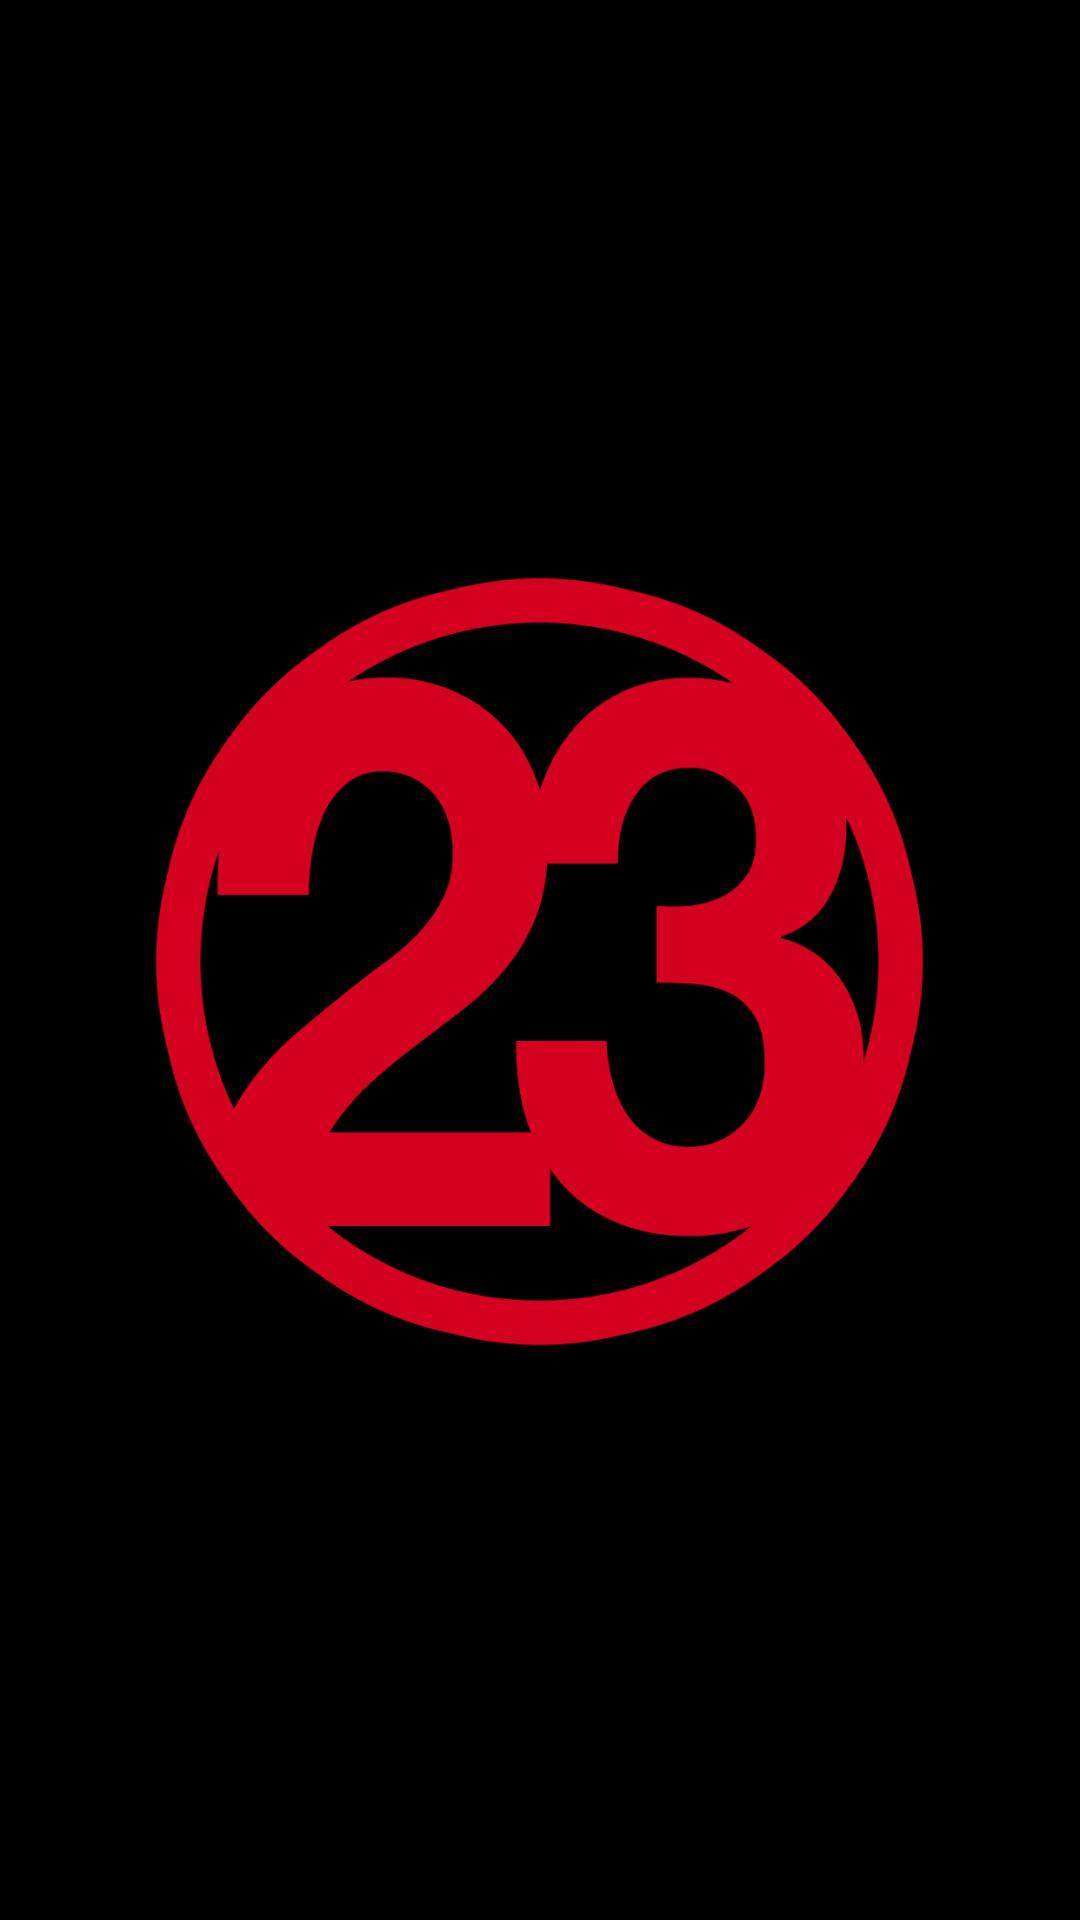 Jordan 23 wallpaper wallpapertag - Jordan jumpman logo wallpaper ...